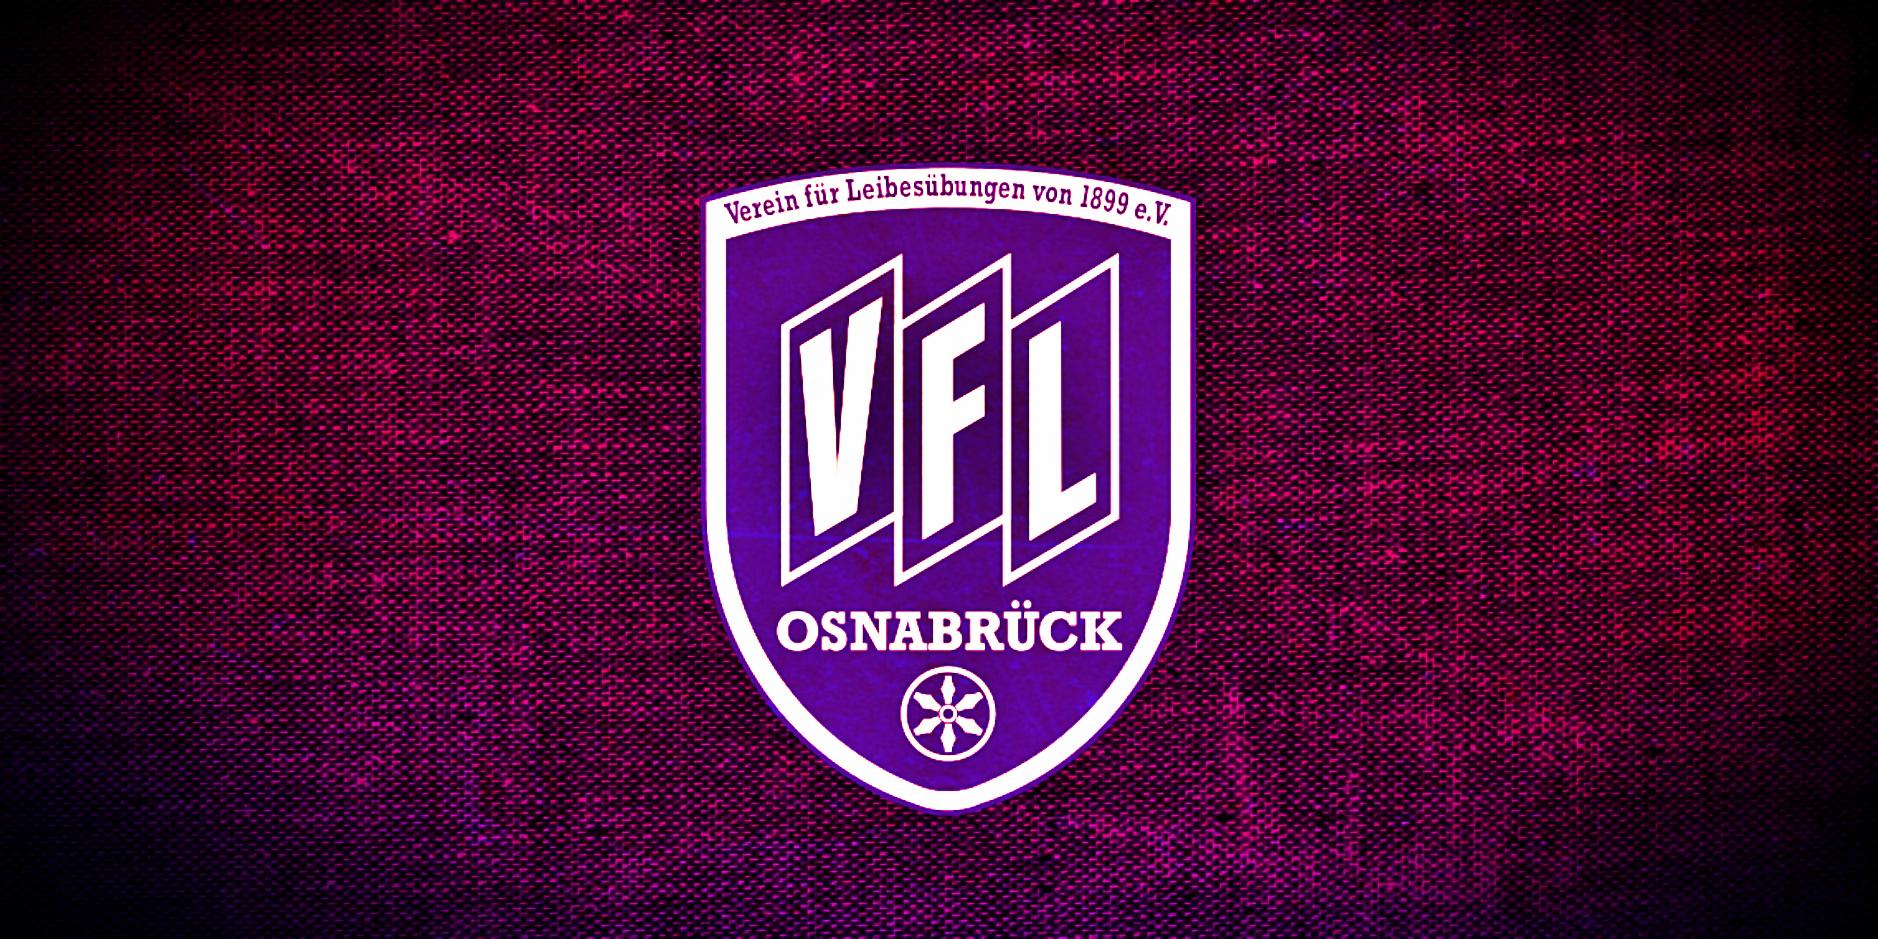 Osnabrück Vfl